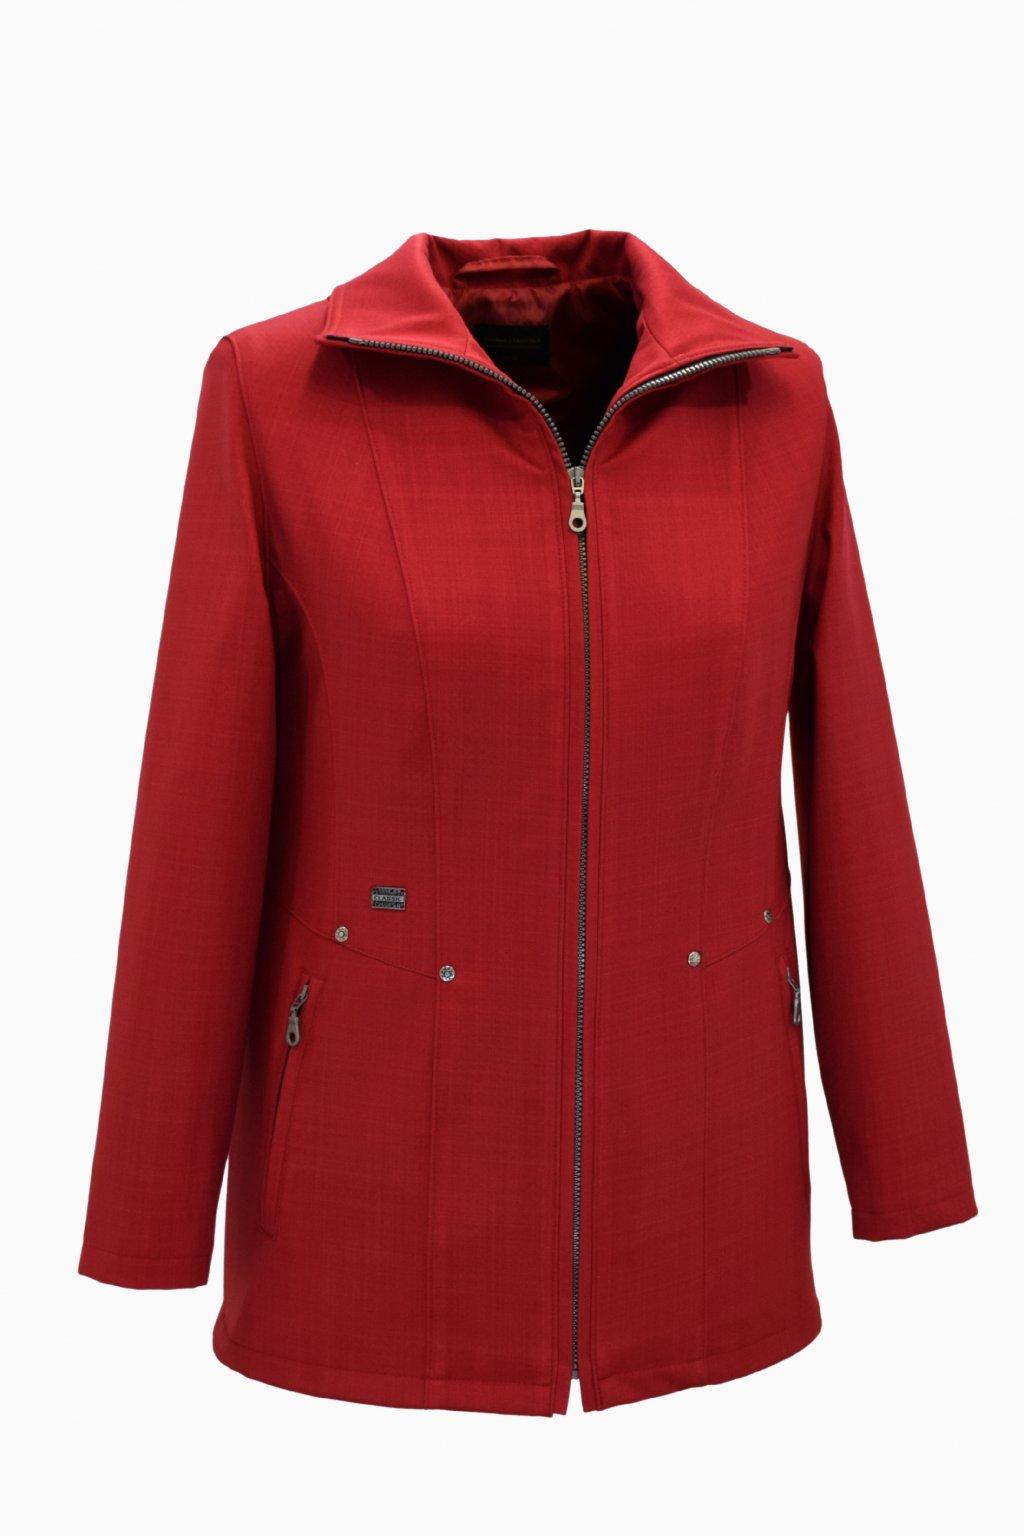 Dámská červená jarní bunda Milena nadměrné velikosti